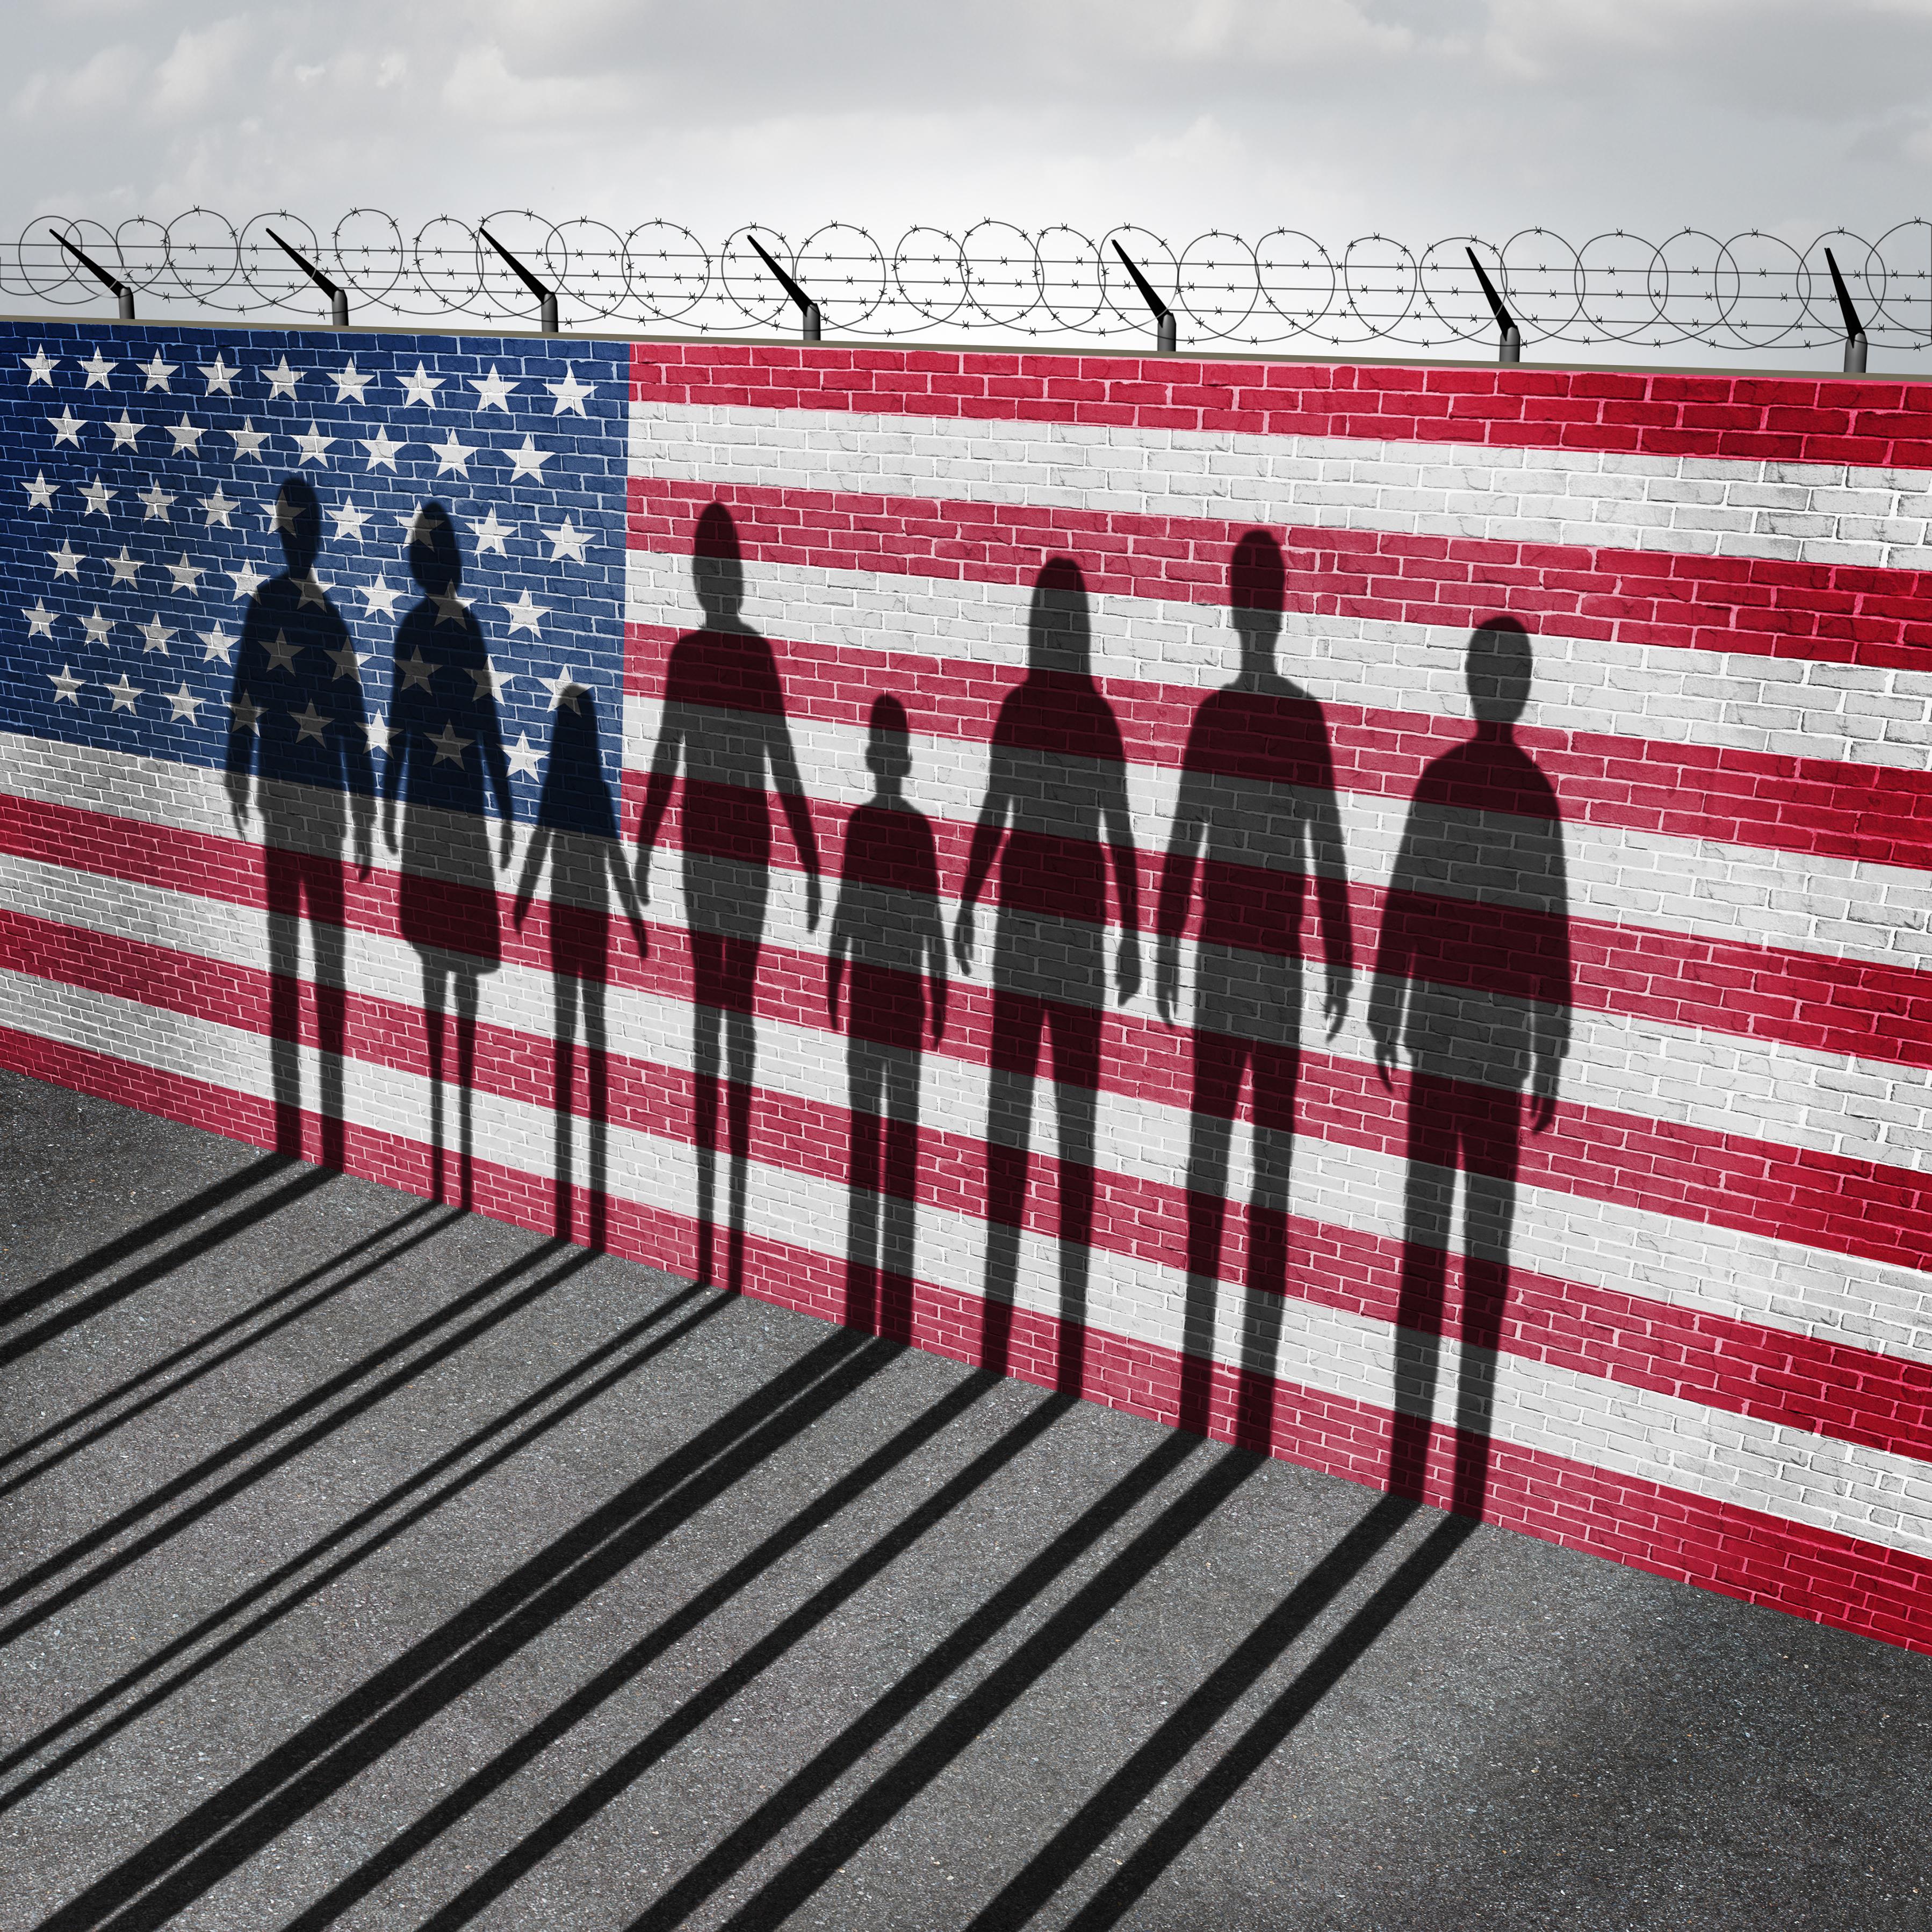 Концепция получения статуса беженца в США